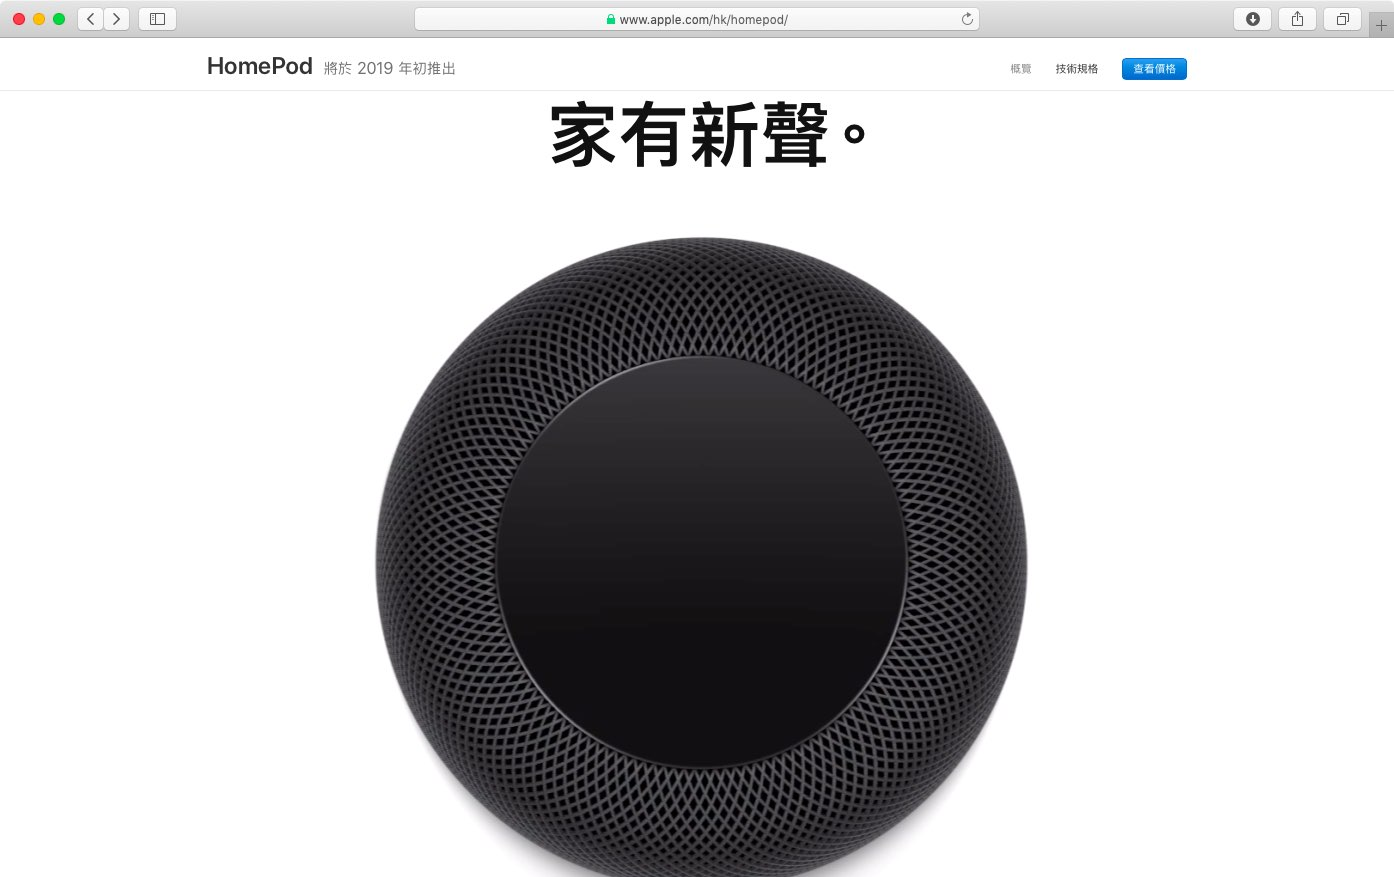 Apple lansirat će HomePod u Kini i Hong Kongu početkom ... 2